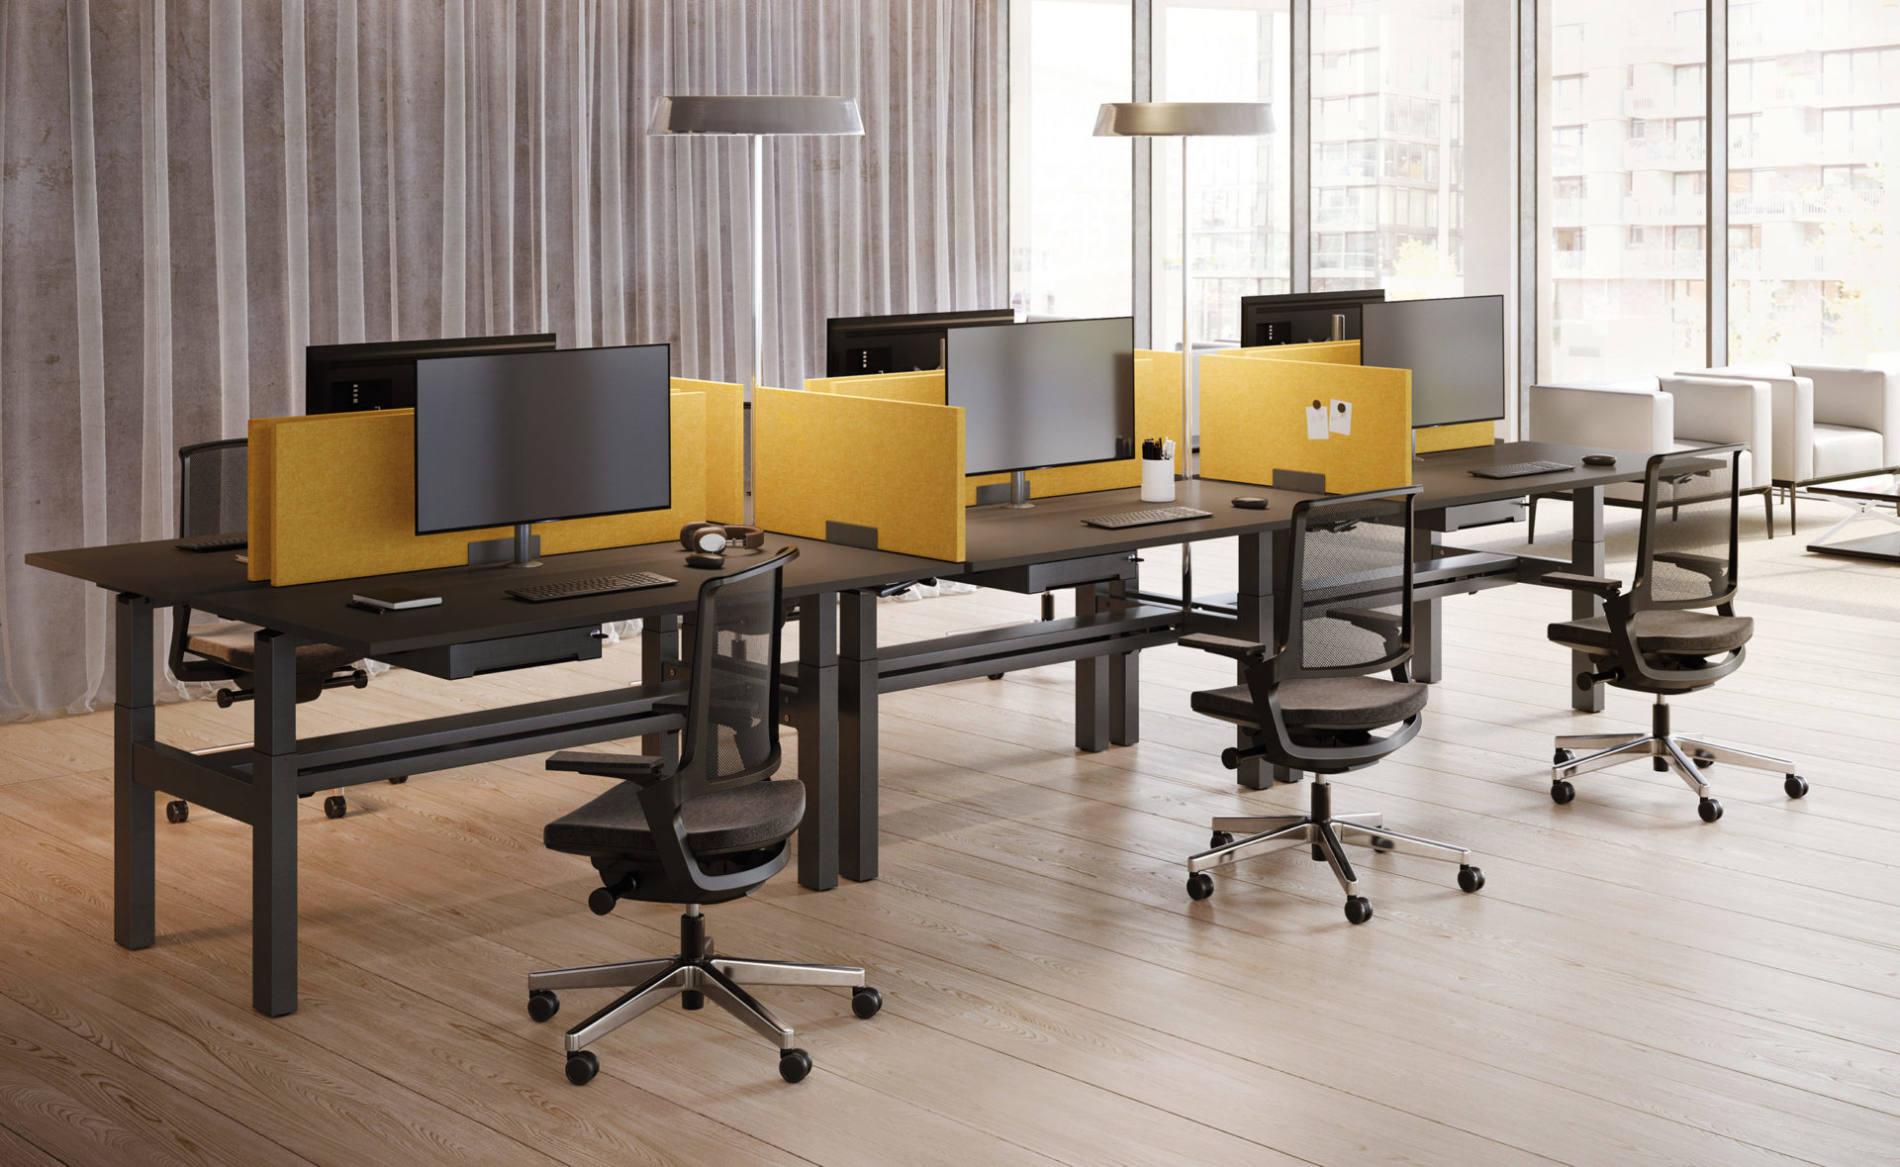 Schreibtisch CREW als Workbench mit Akustik-Trennwand (Palmberg) und Stehleuchte KOI (Belux)